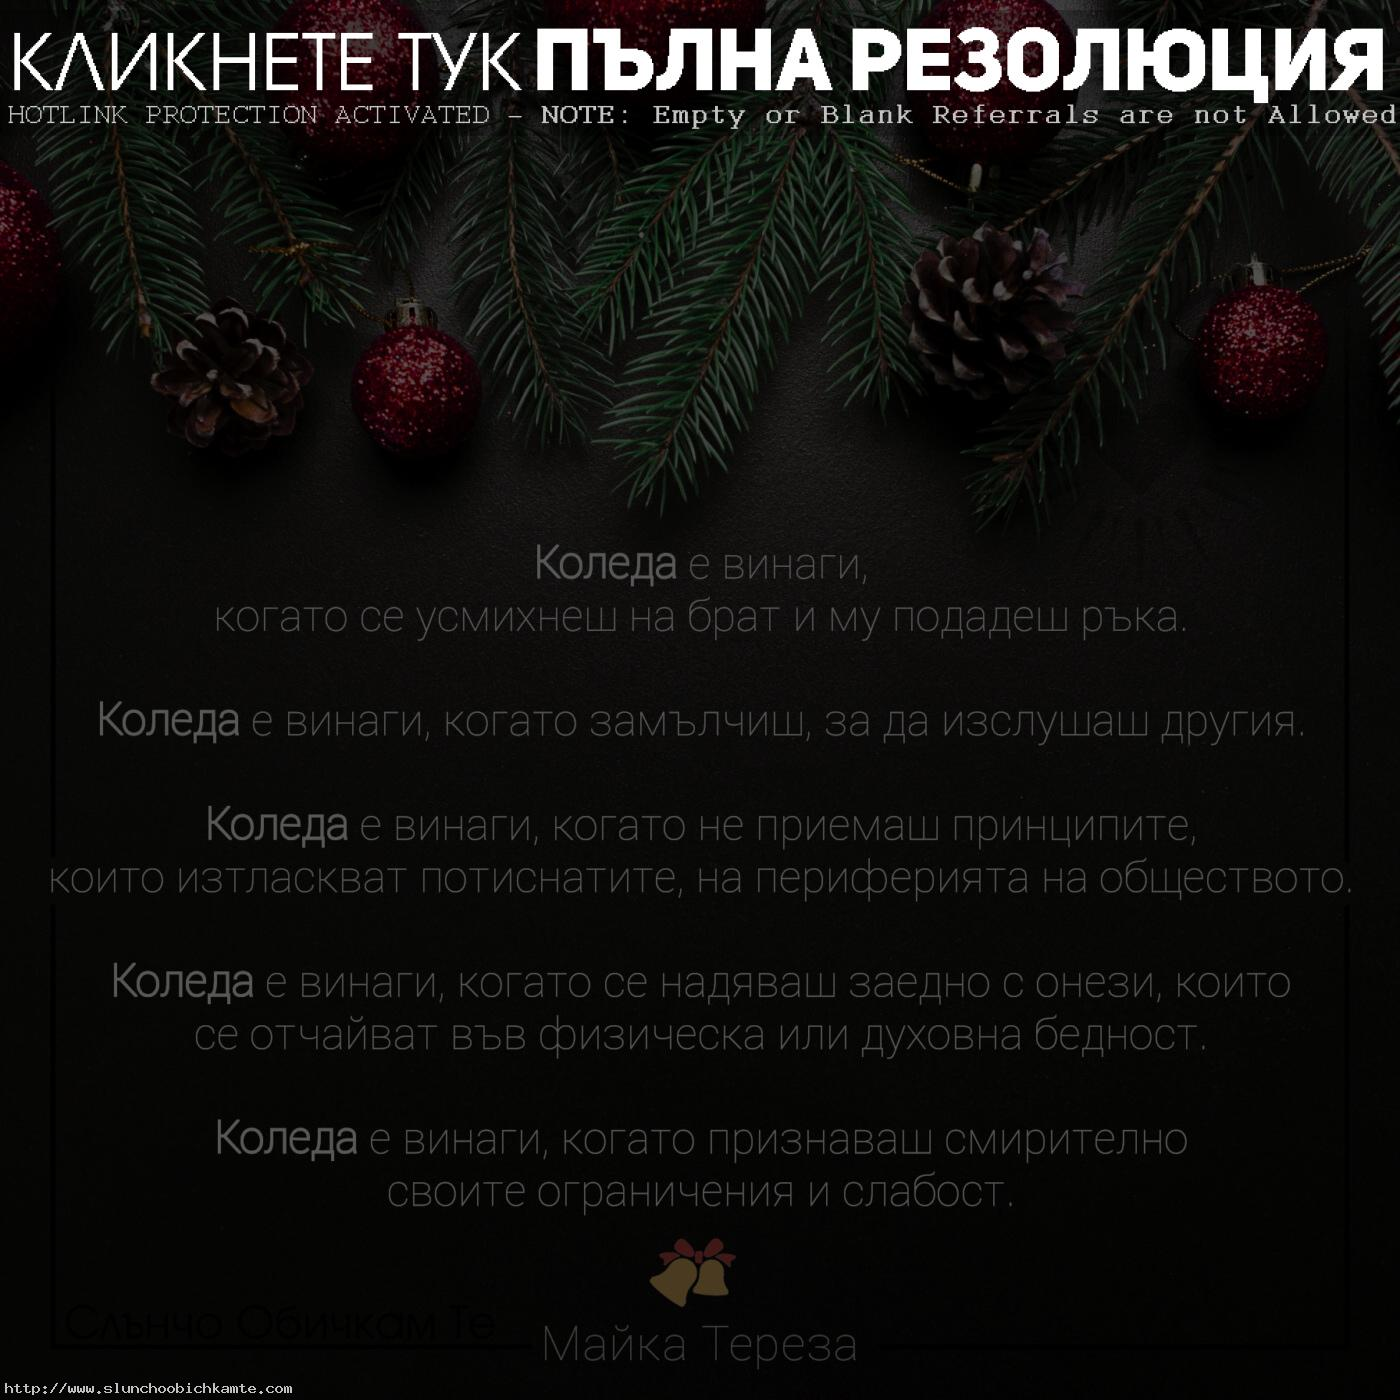 Коледа е винаги - Коледни картички с цитати на Майка Тереза, коледни цитати, коледни пожелания, картички за Коледа 2020